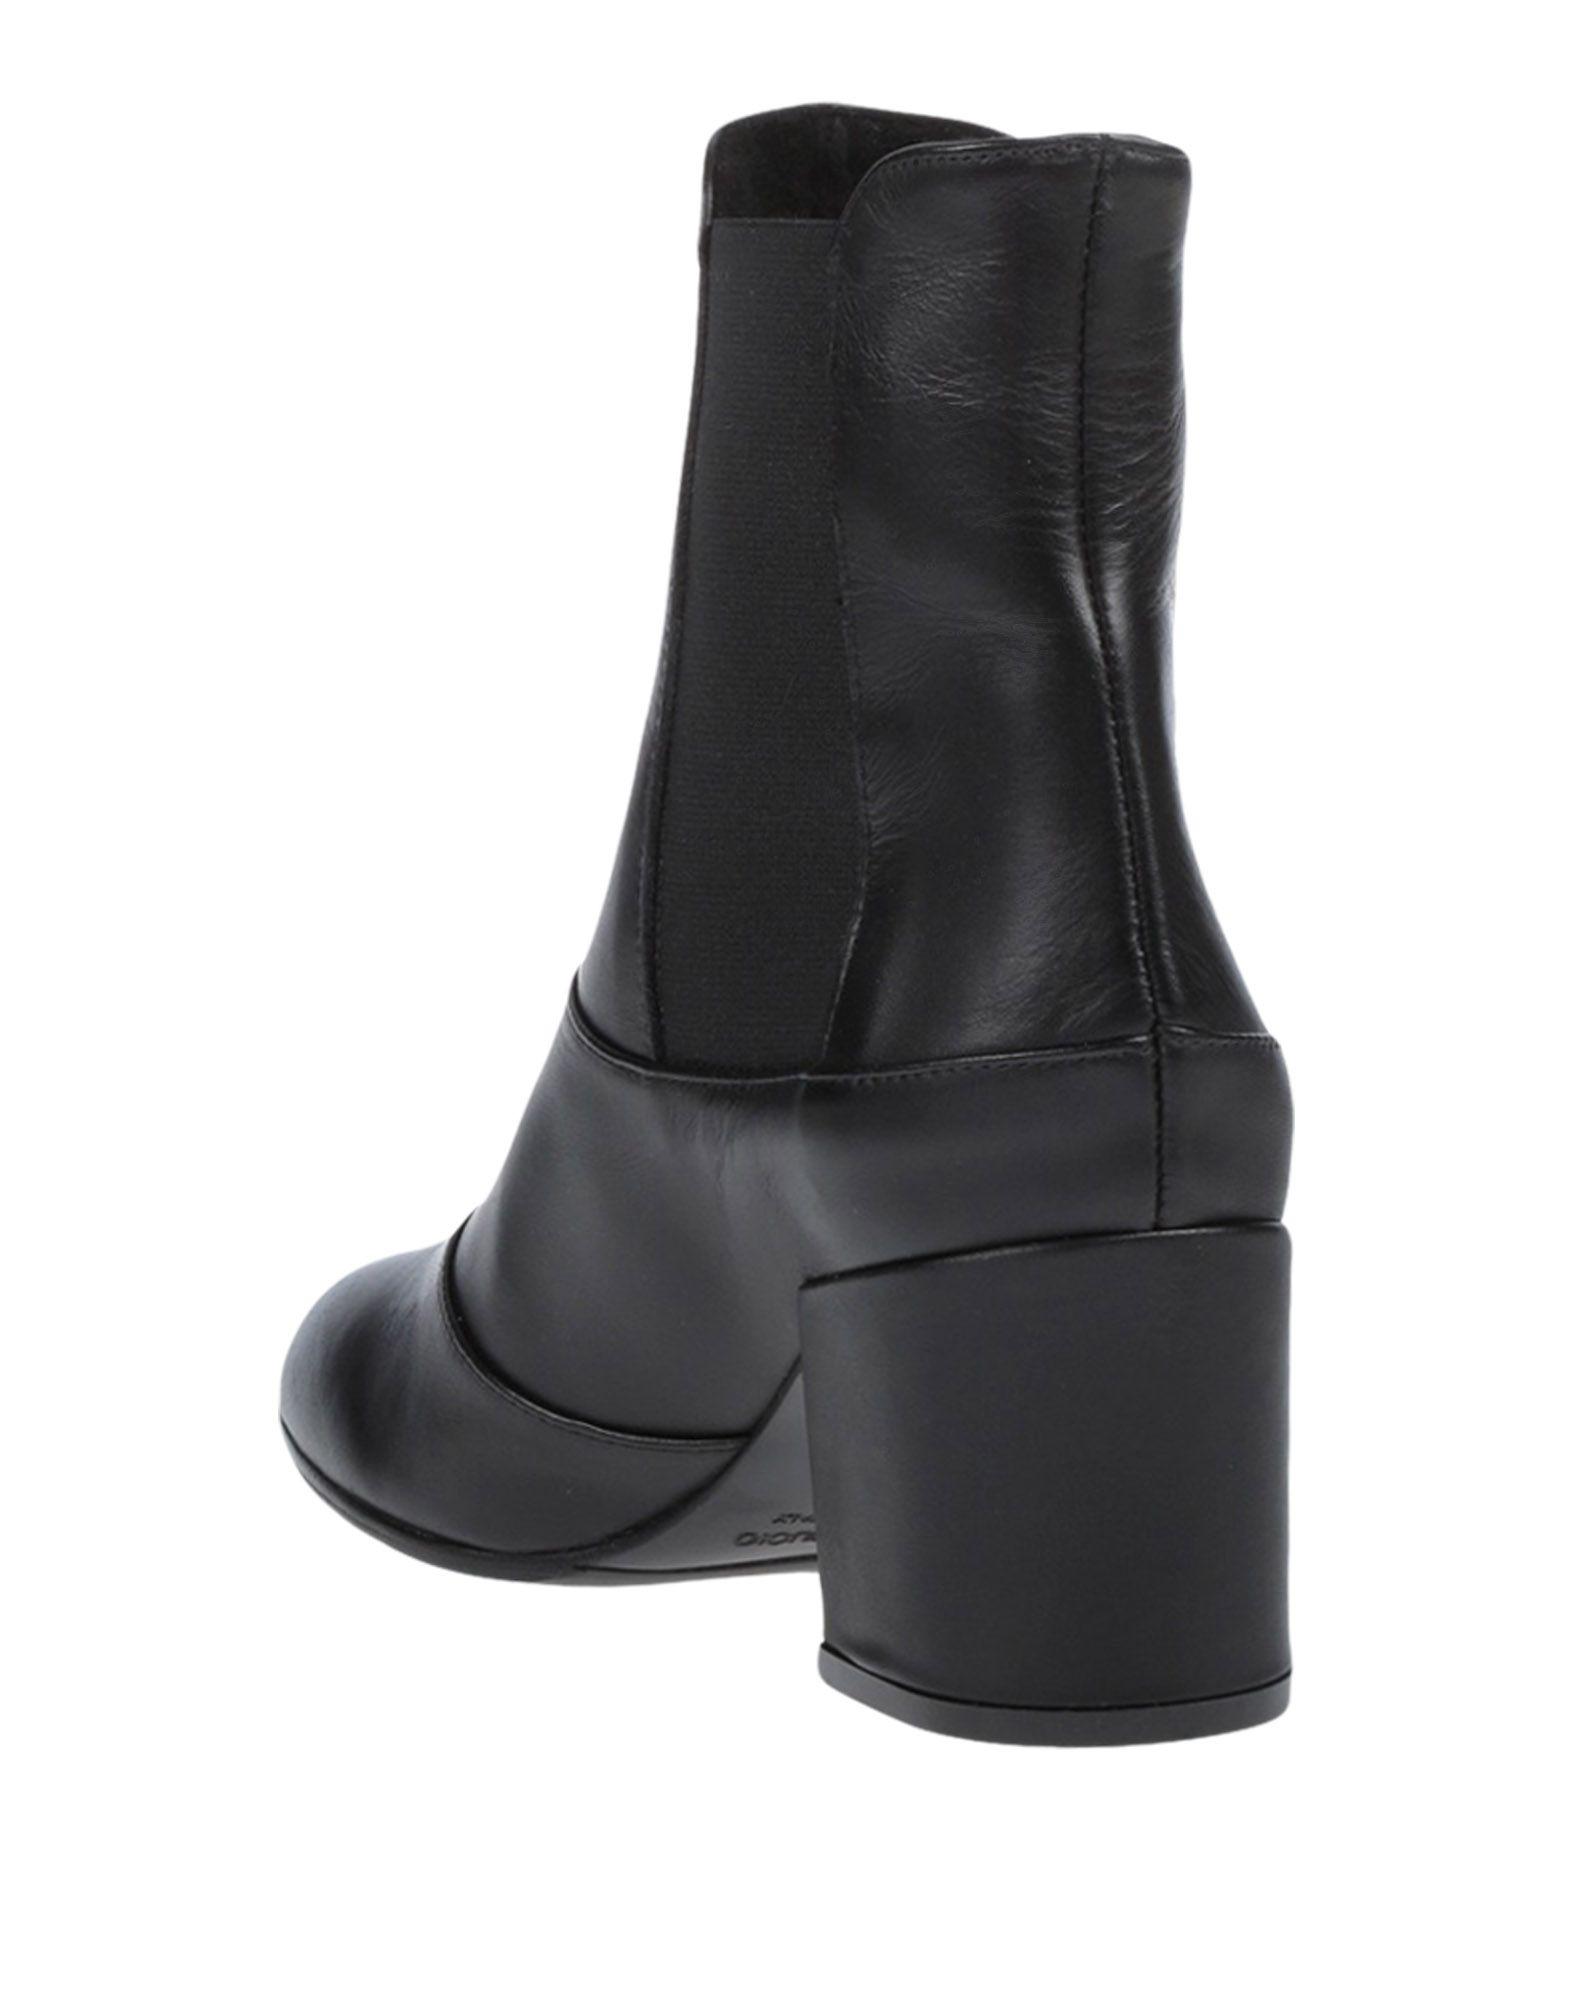 Gut um billige Schuhe zu Boots tragenVerdecchia & Maniqua' Chelsea Boots zu Damen  11536405QE 26da9d